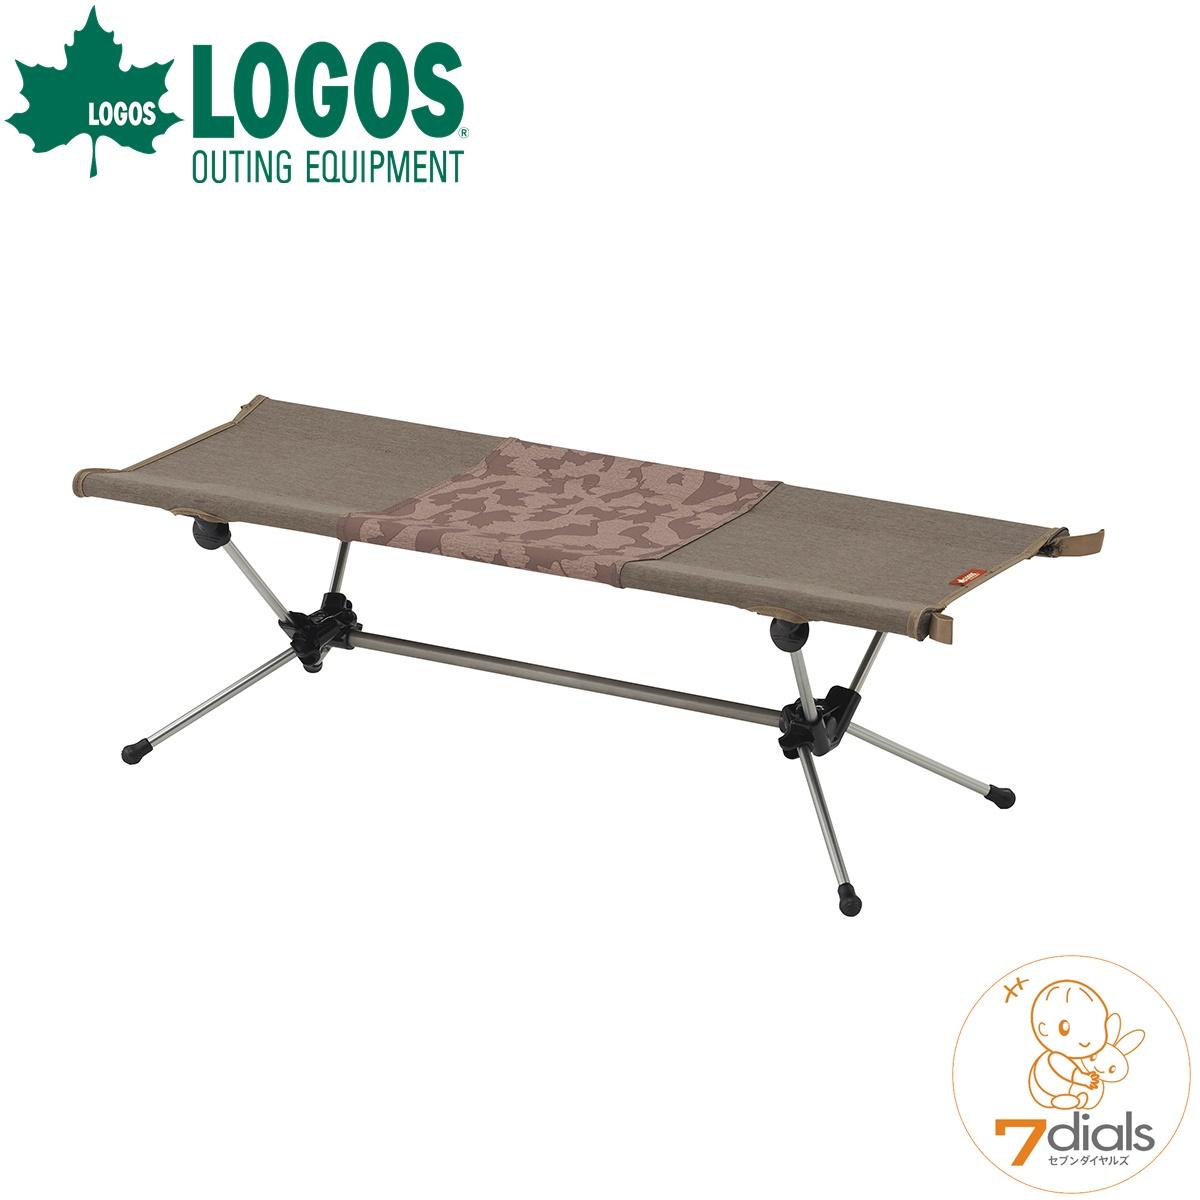 LOGOS/ロゴス LOGOS エアライト・バッグインベンチ 折りたたみ式ベンチで収納コンパクト かさばらず軽量で持ち運びも便利 二人用ベンチ 2人用チェア 椅子【送料無料】